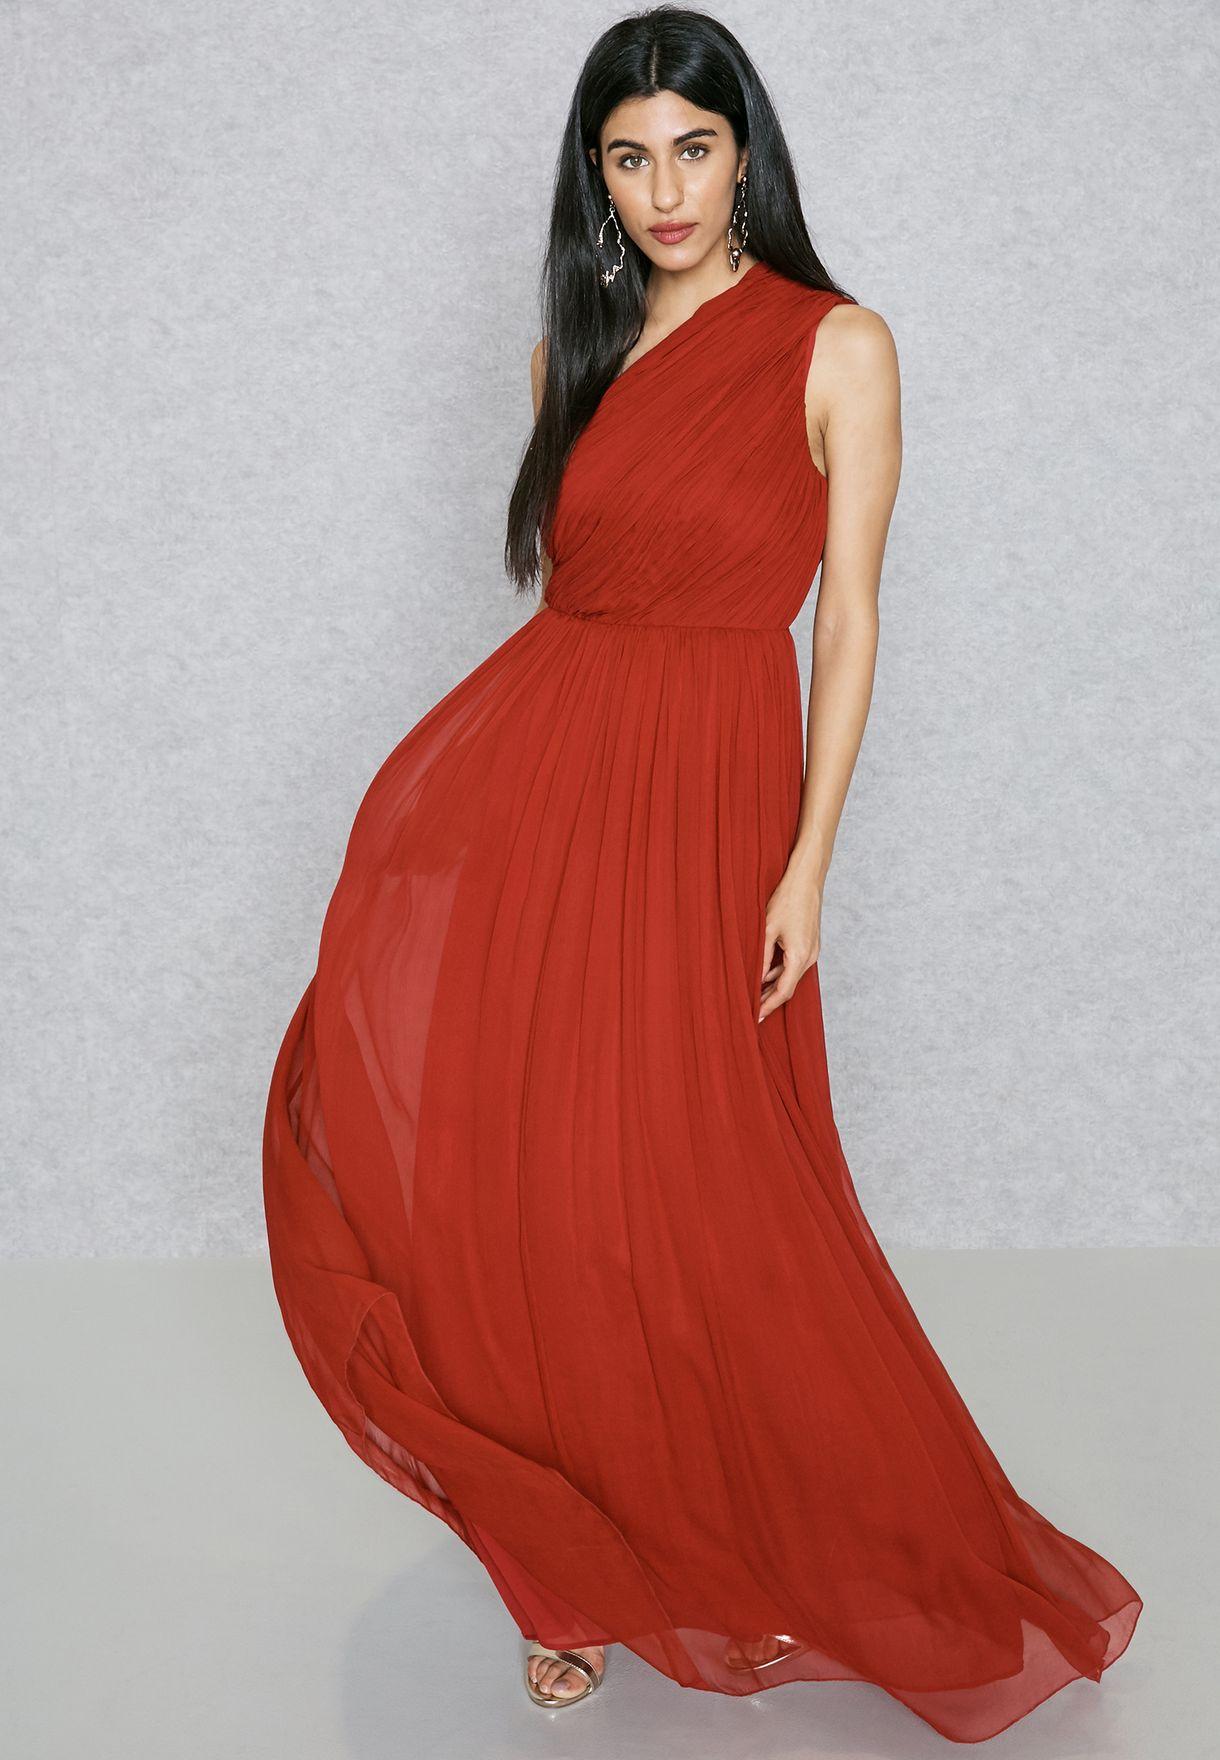 4a898eb943e7b تسوق فستان حرير بكتف عاري ماركة مانجو لون أحمر 83019012 في السعودية ...